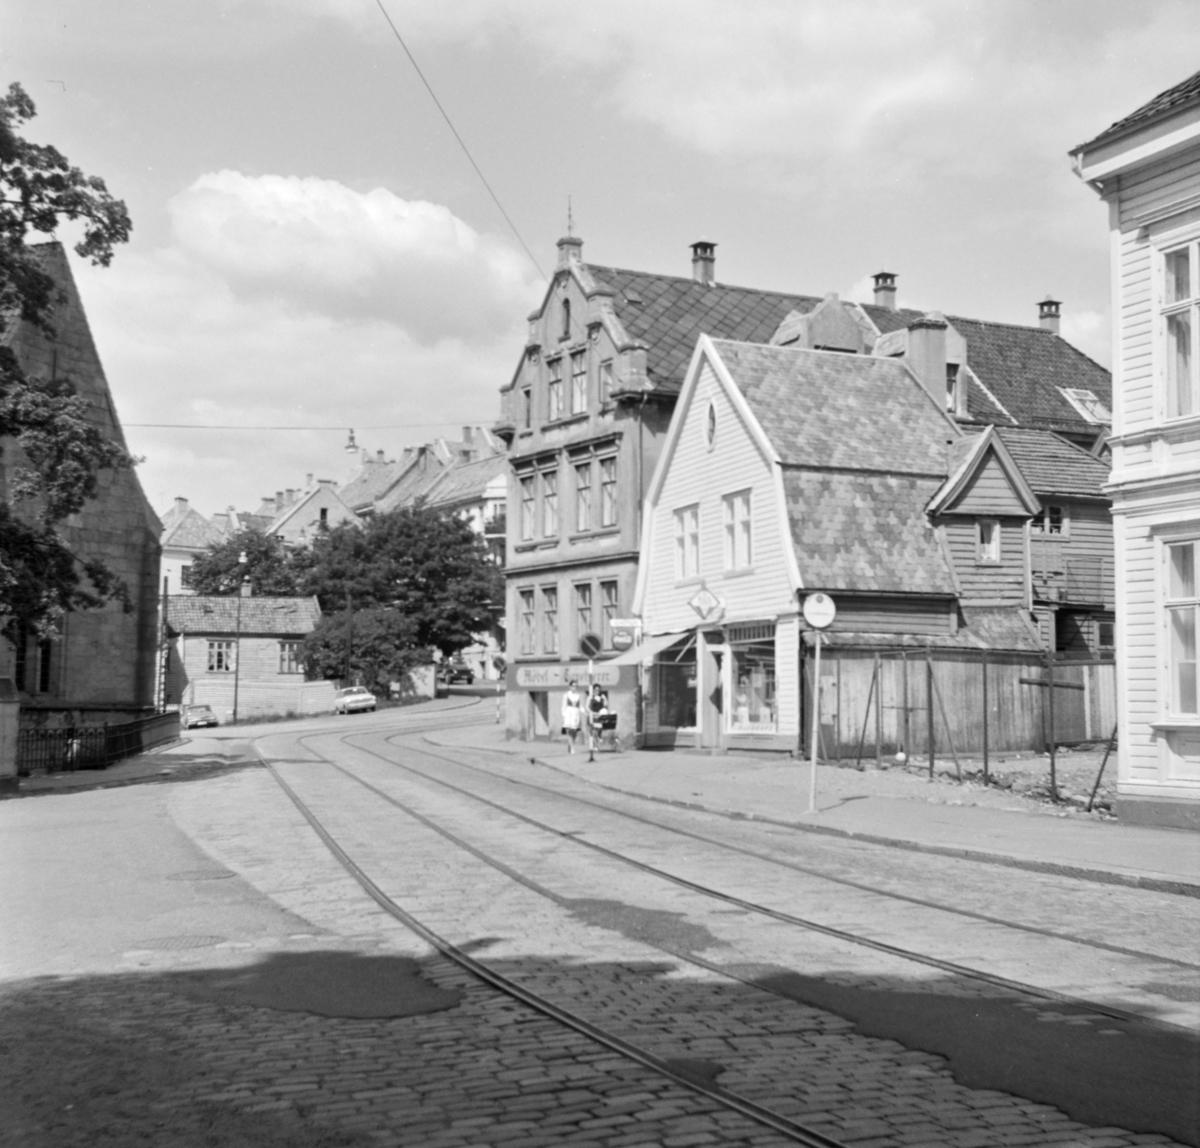 Nedlagte trikkespor i Bergen ved Øvregaten og sporveiens stopp ved Mariekirken. Herfra gikk i sin tid trikkelinje 5 til Sandvikskirken. Stoppestedet på bildet ble senere benyttet av linje 8 mellom Gyldenpris og Formannsvei.